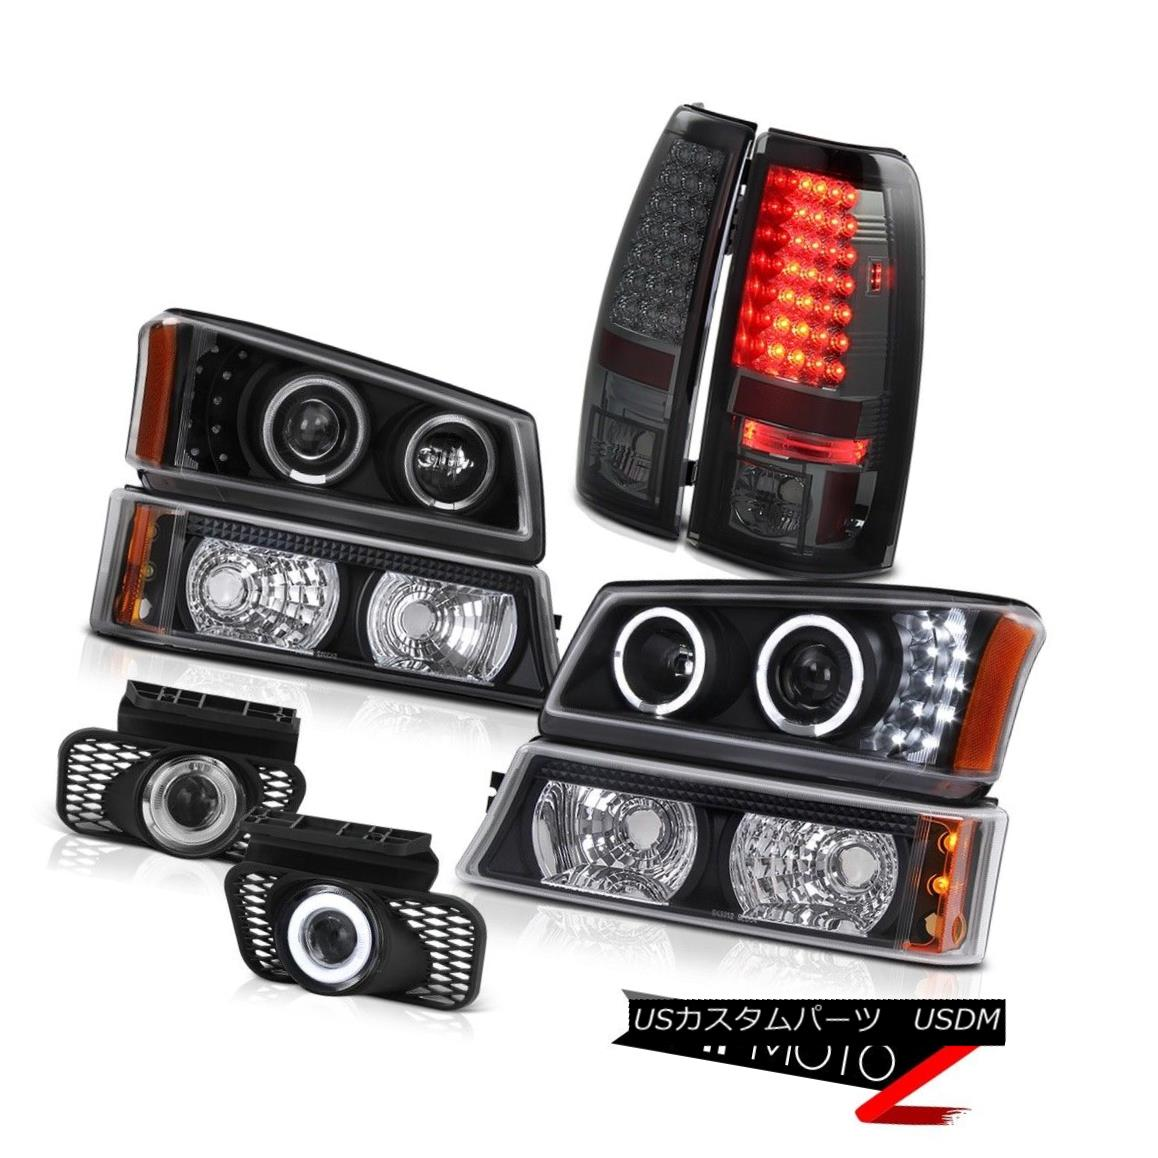 テールライト Matte Black LED Headlight Bumper Parking Lamp Smoke DRL Foglight 05 06 Silverado マットブラックLEDヘッドライトバンパーパーキングランプスモークDRL Foglight 05 06シルバラード